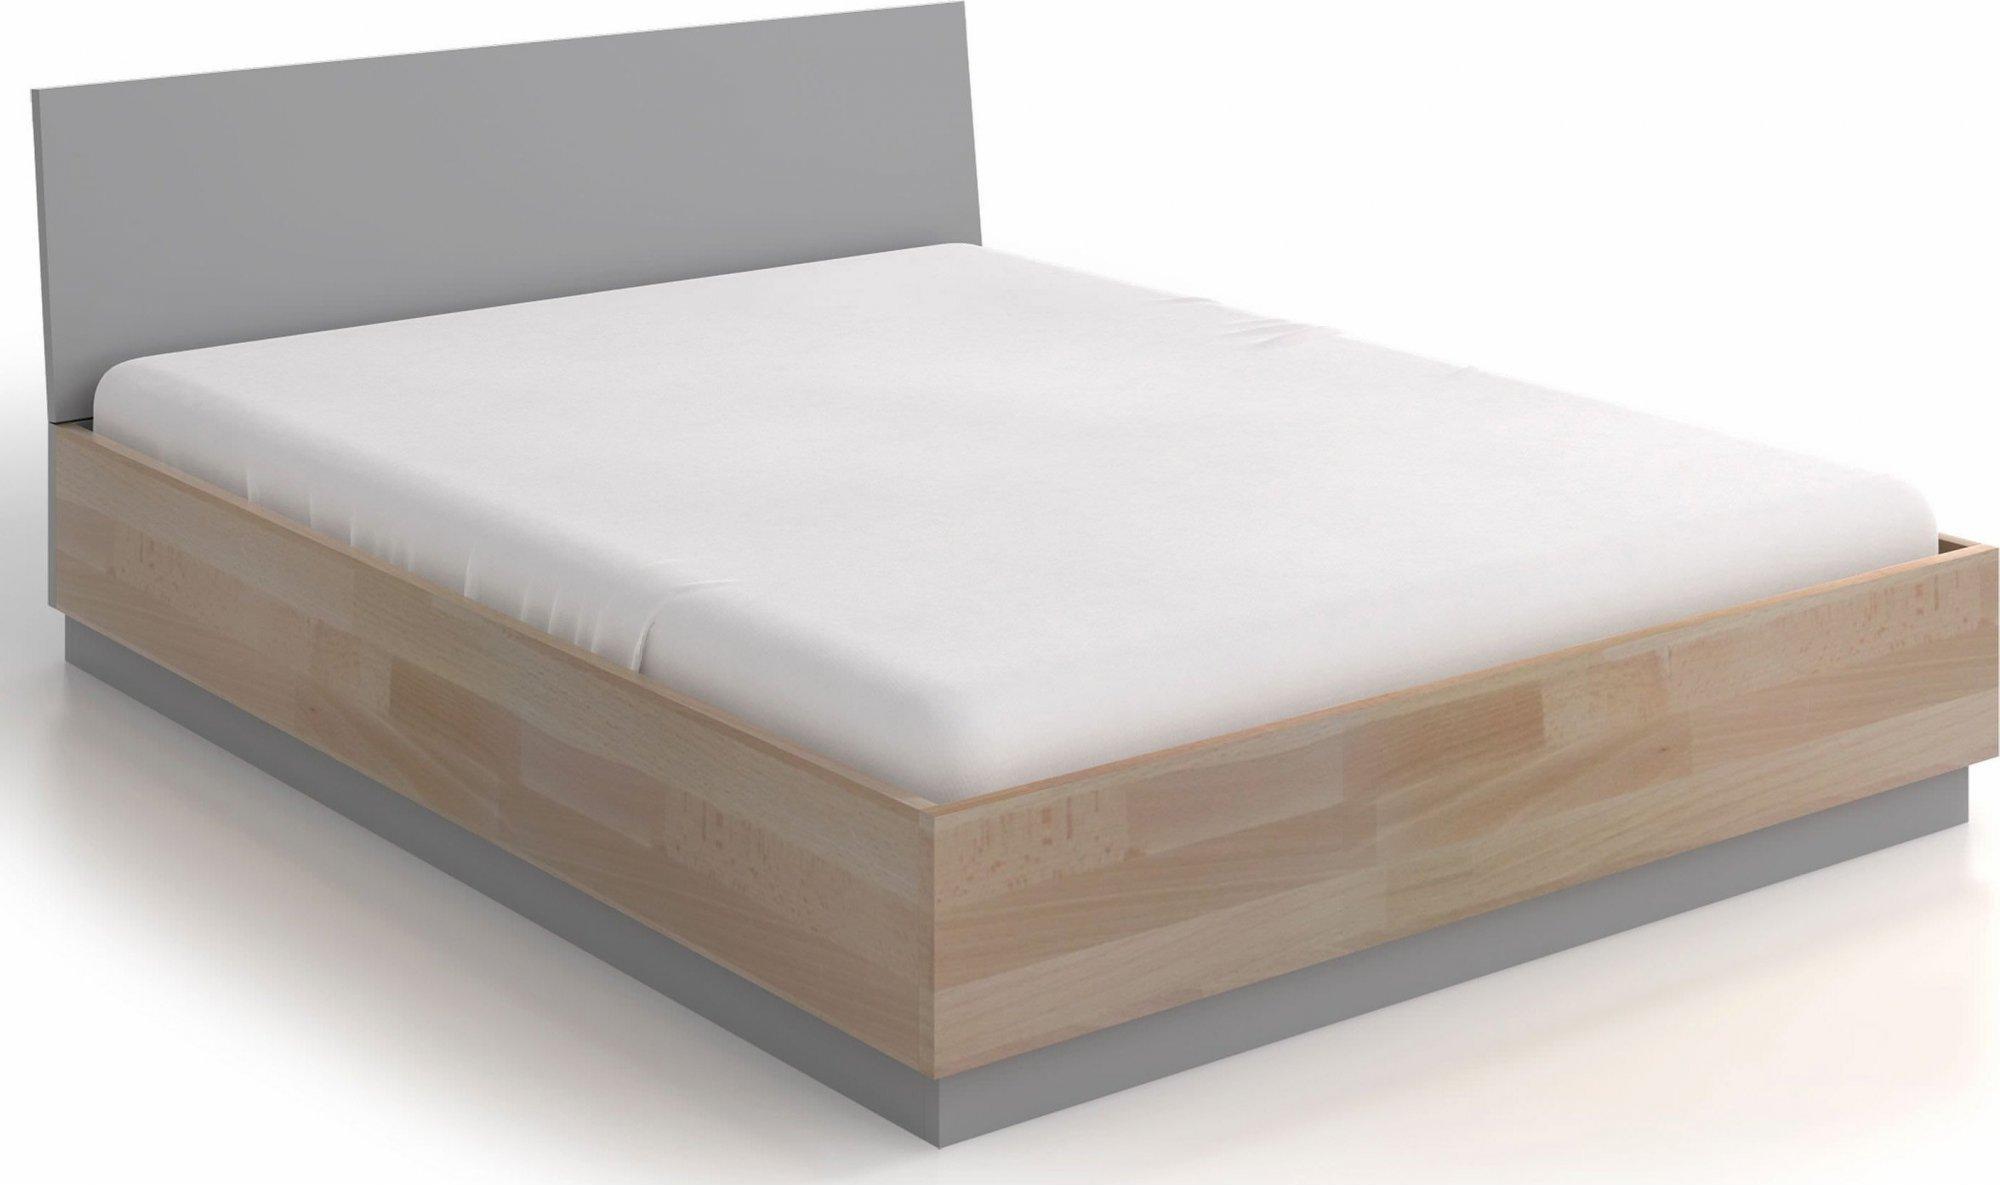 Lit avec tête de lit et sommier bois massif clair 160x200cm